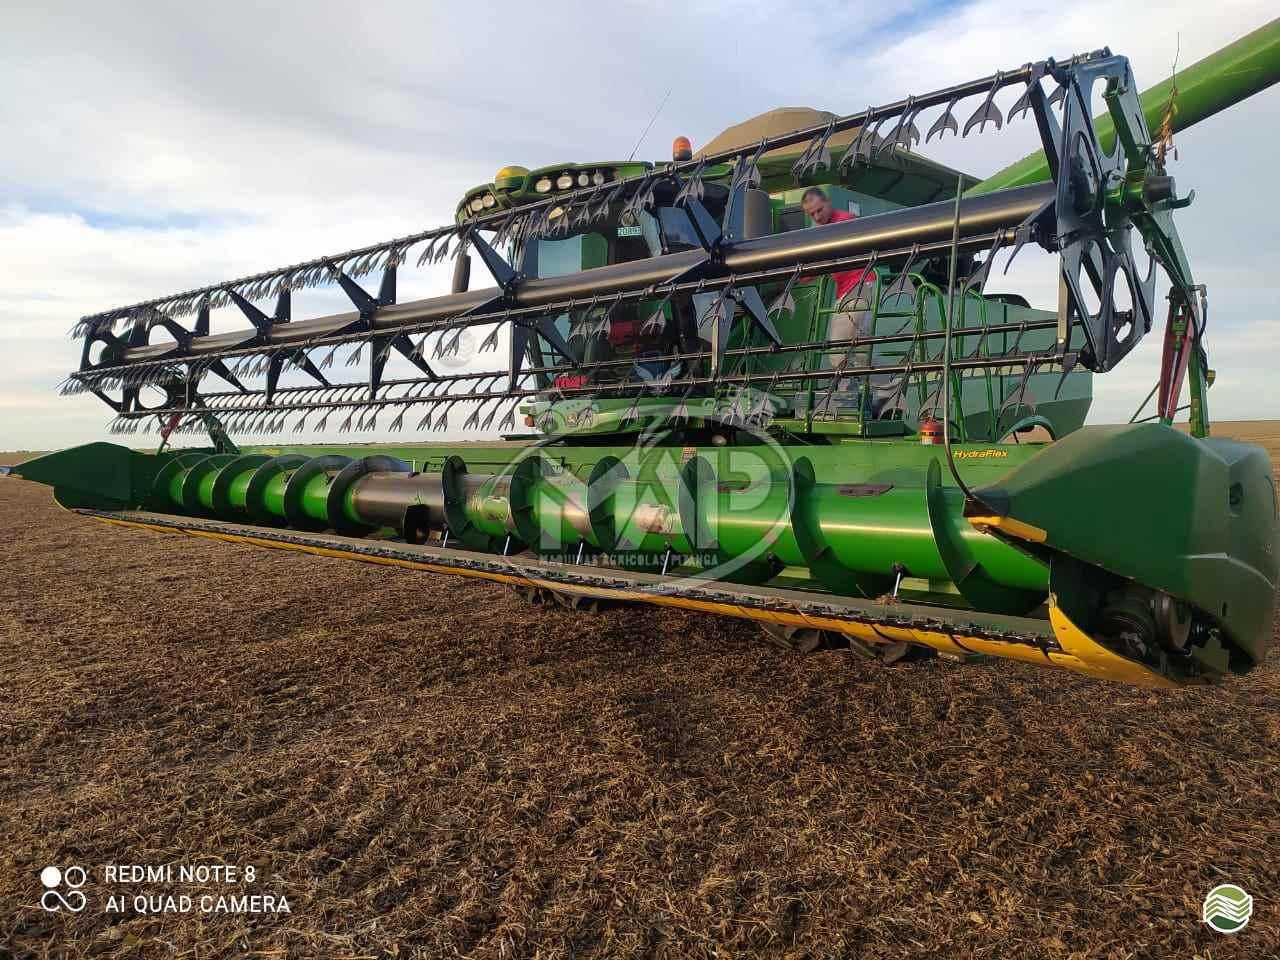 COLHEITADEIRA JOHN DEERE JOHN DEERE S550 Máquinas Agrícolas Pitanga PITANGA PARANÁ PR